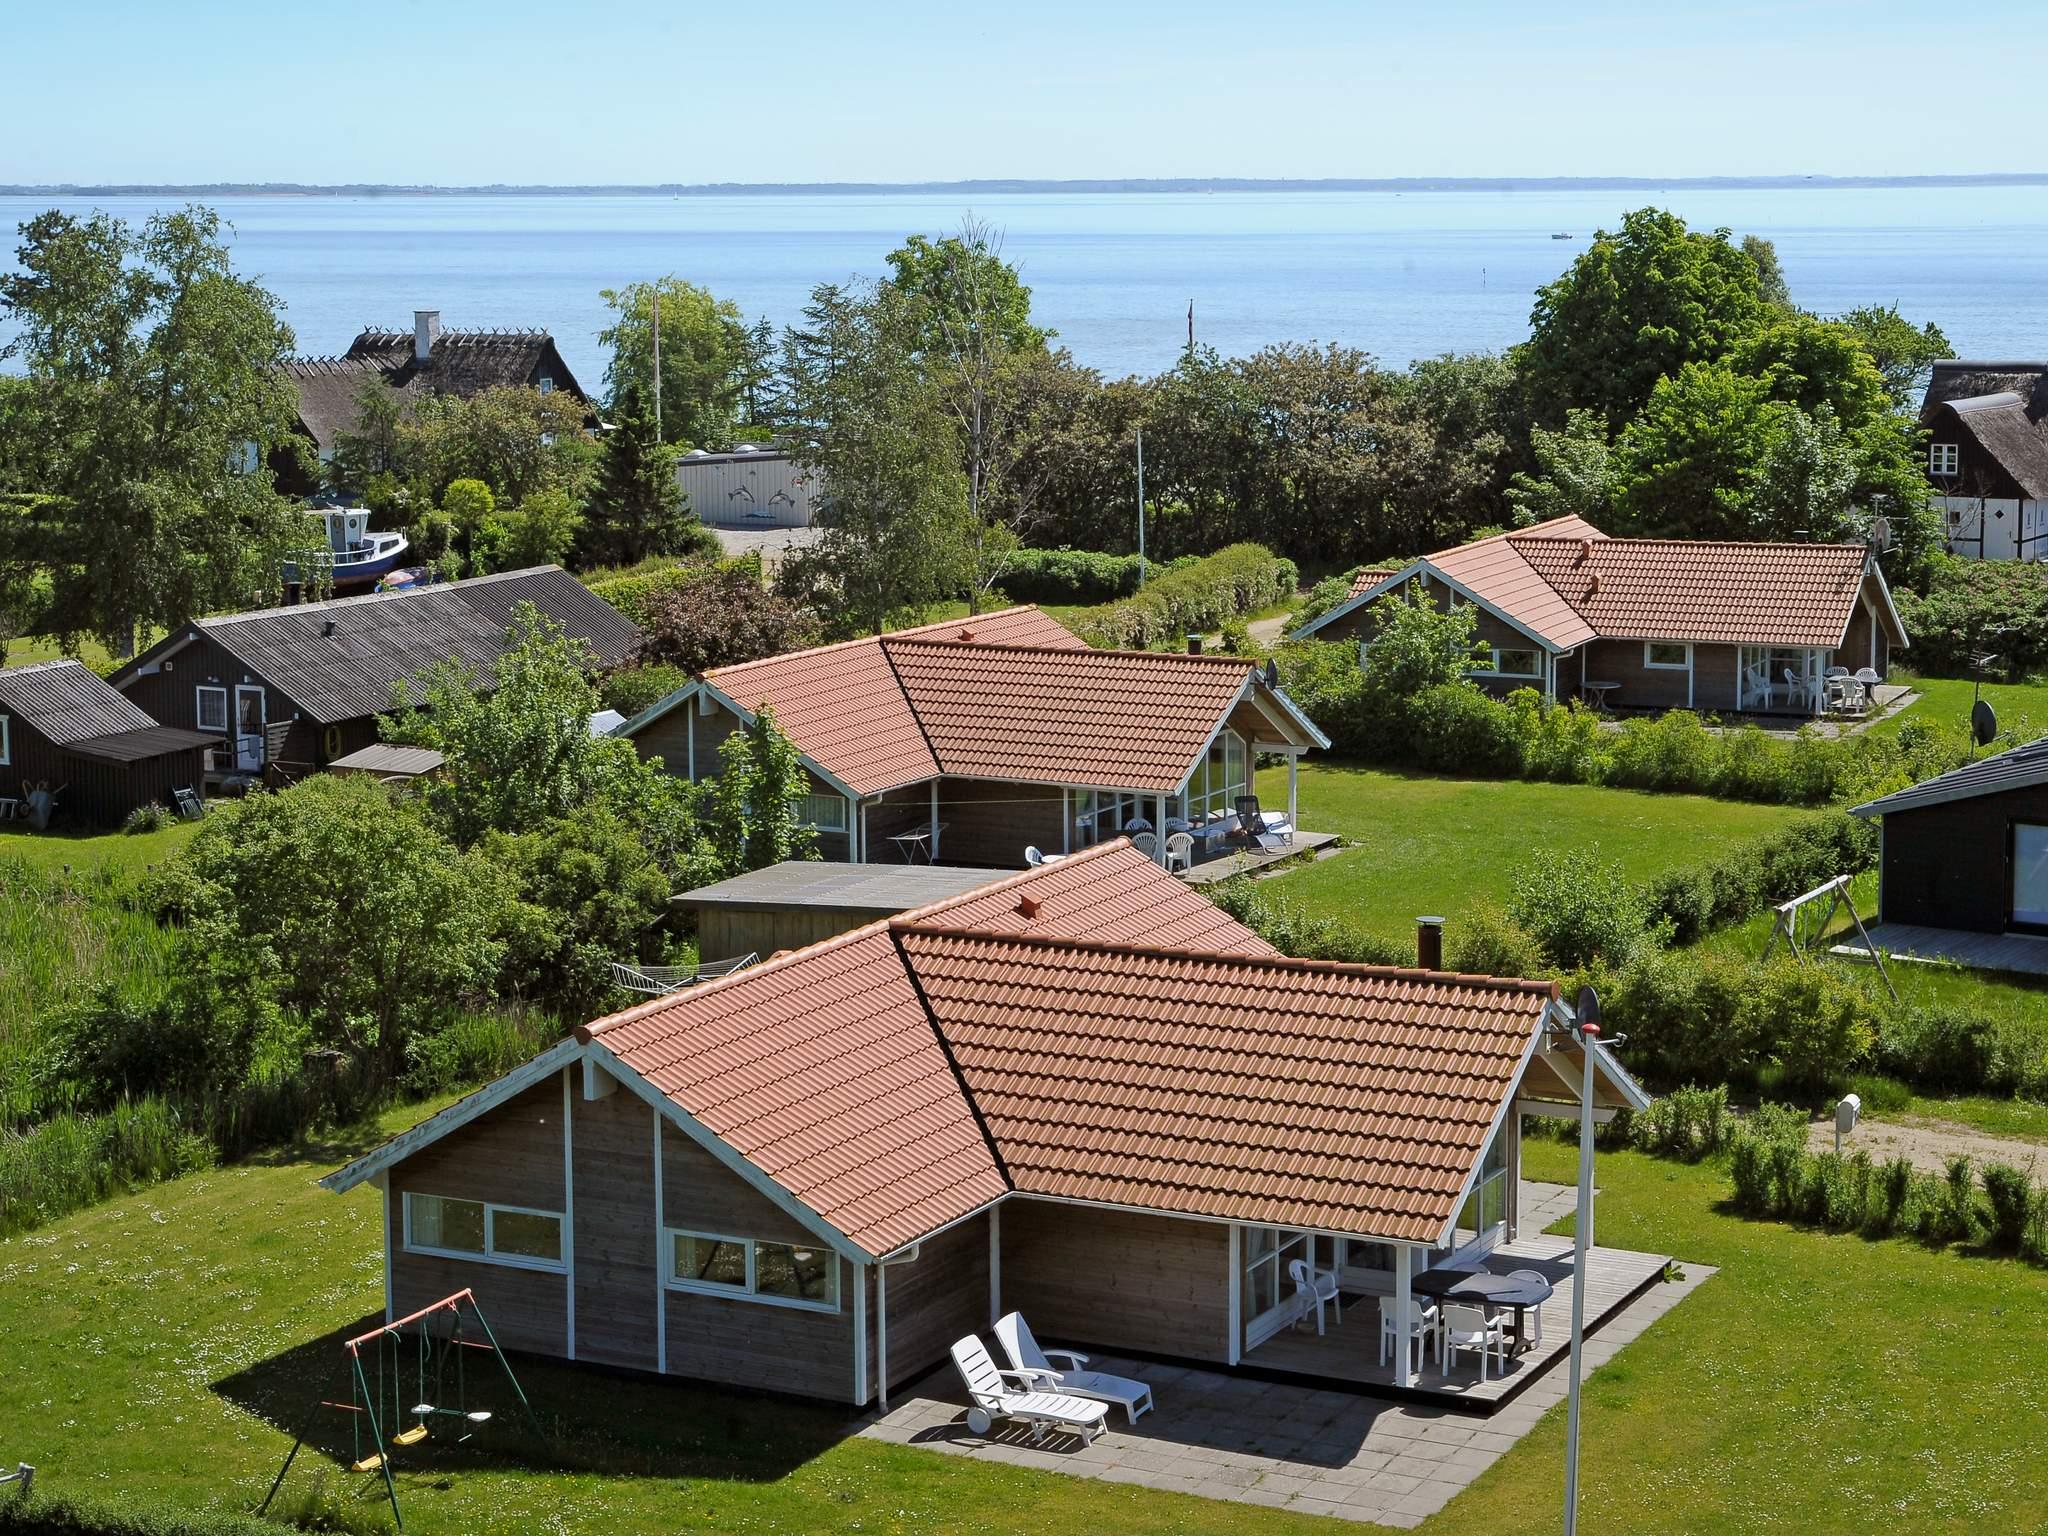 Ferienhaus Binderup Strand (135860), Binderup, , Südostjütland, Dänemark, Bild 8